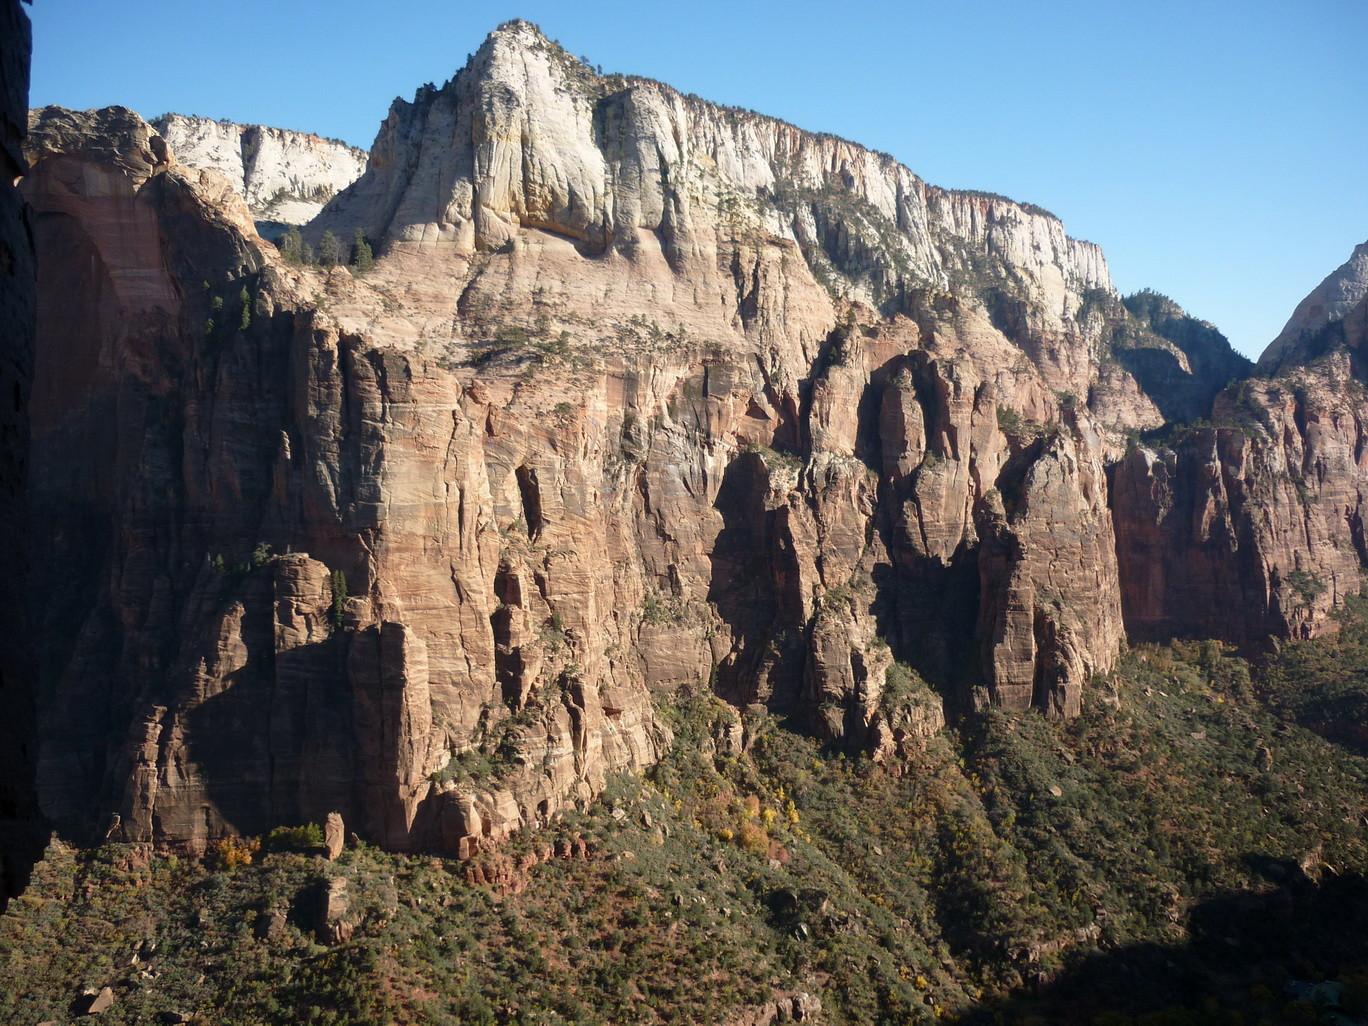 le superbe canyon de Zion